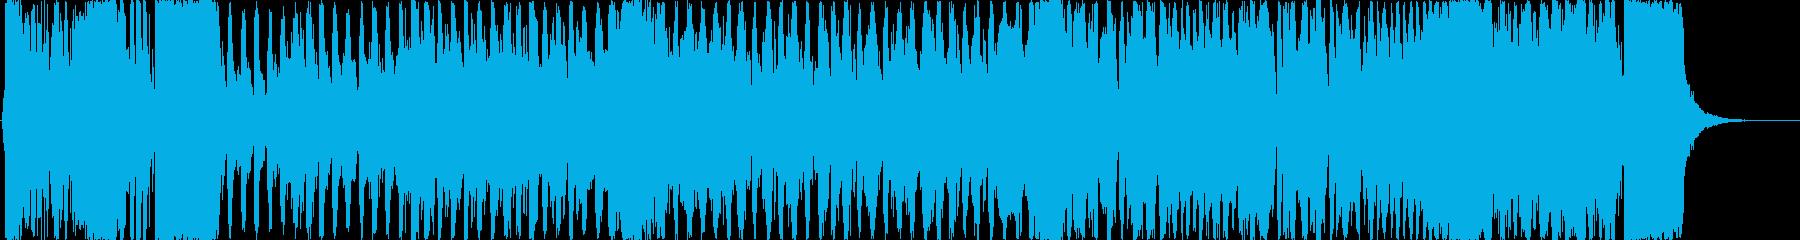 ニュースのOP風の勢いあるオーケストラの再生済みの波形